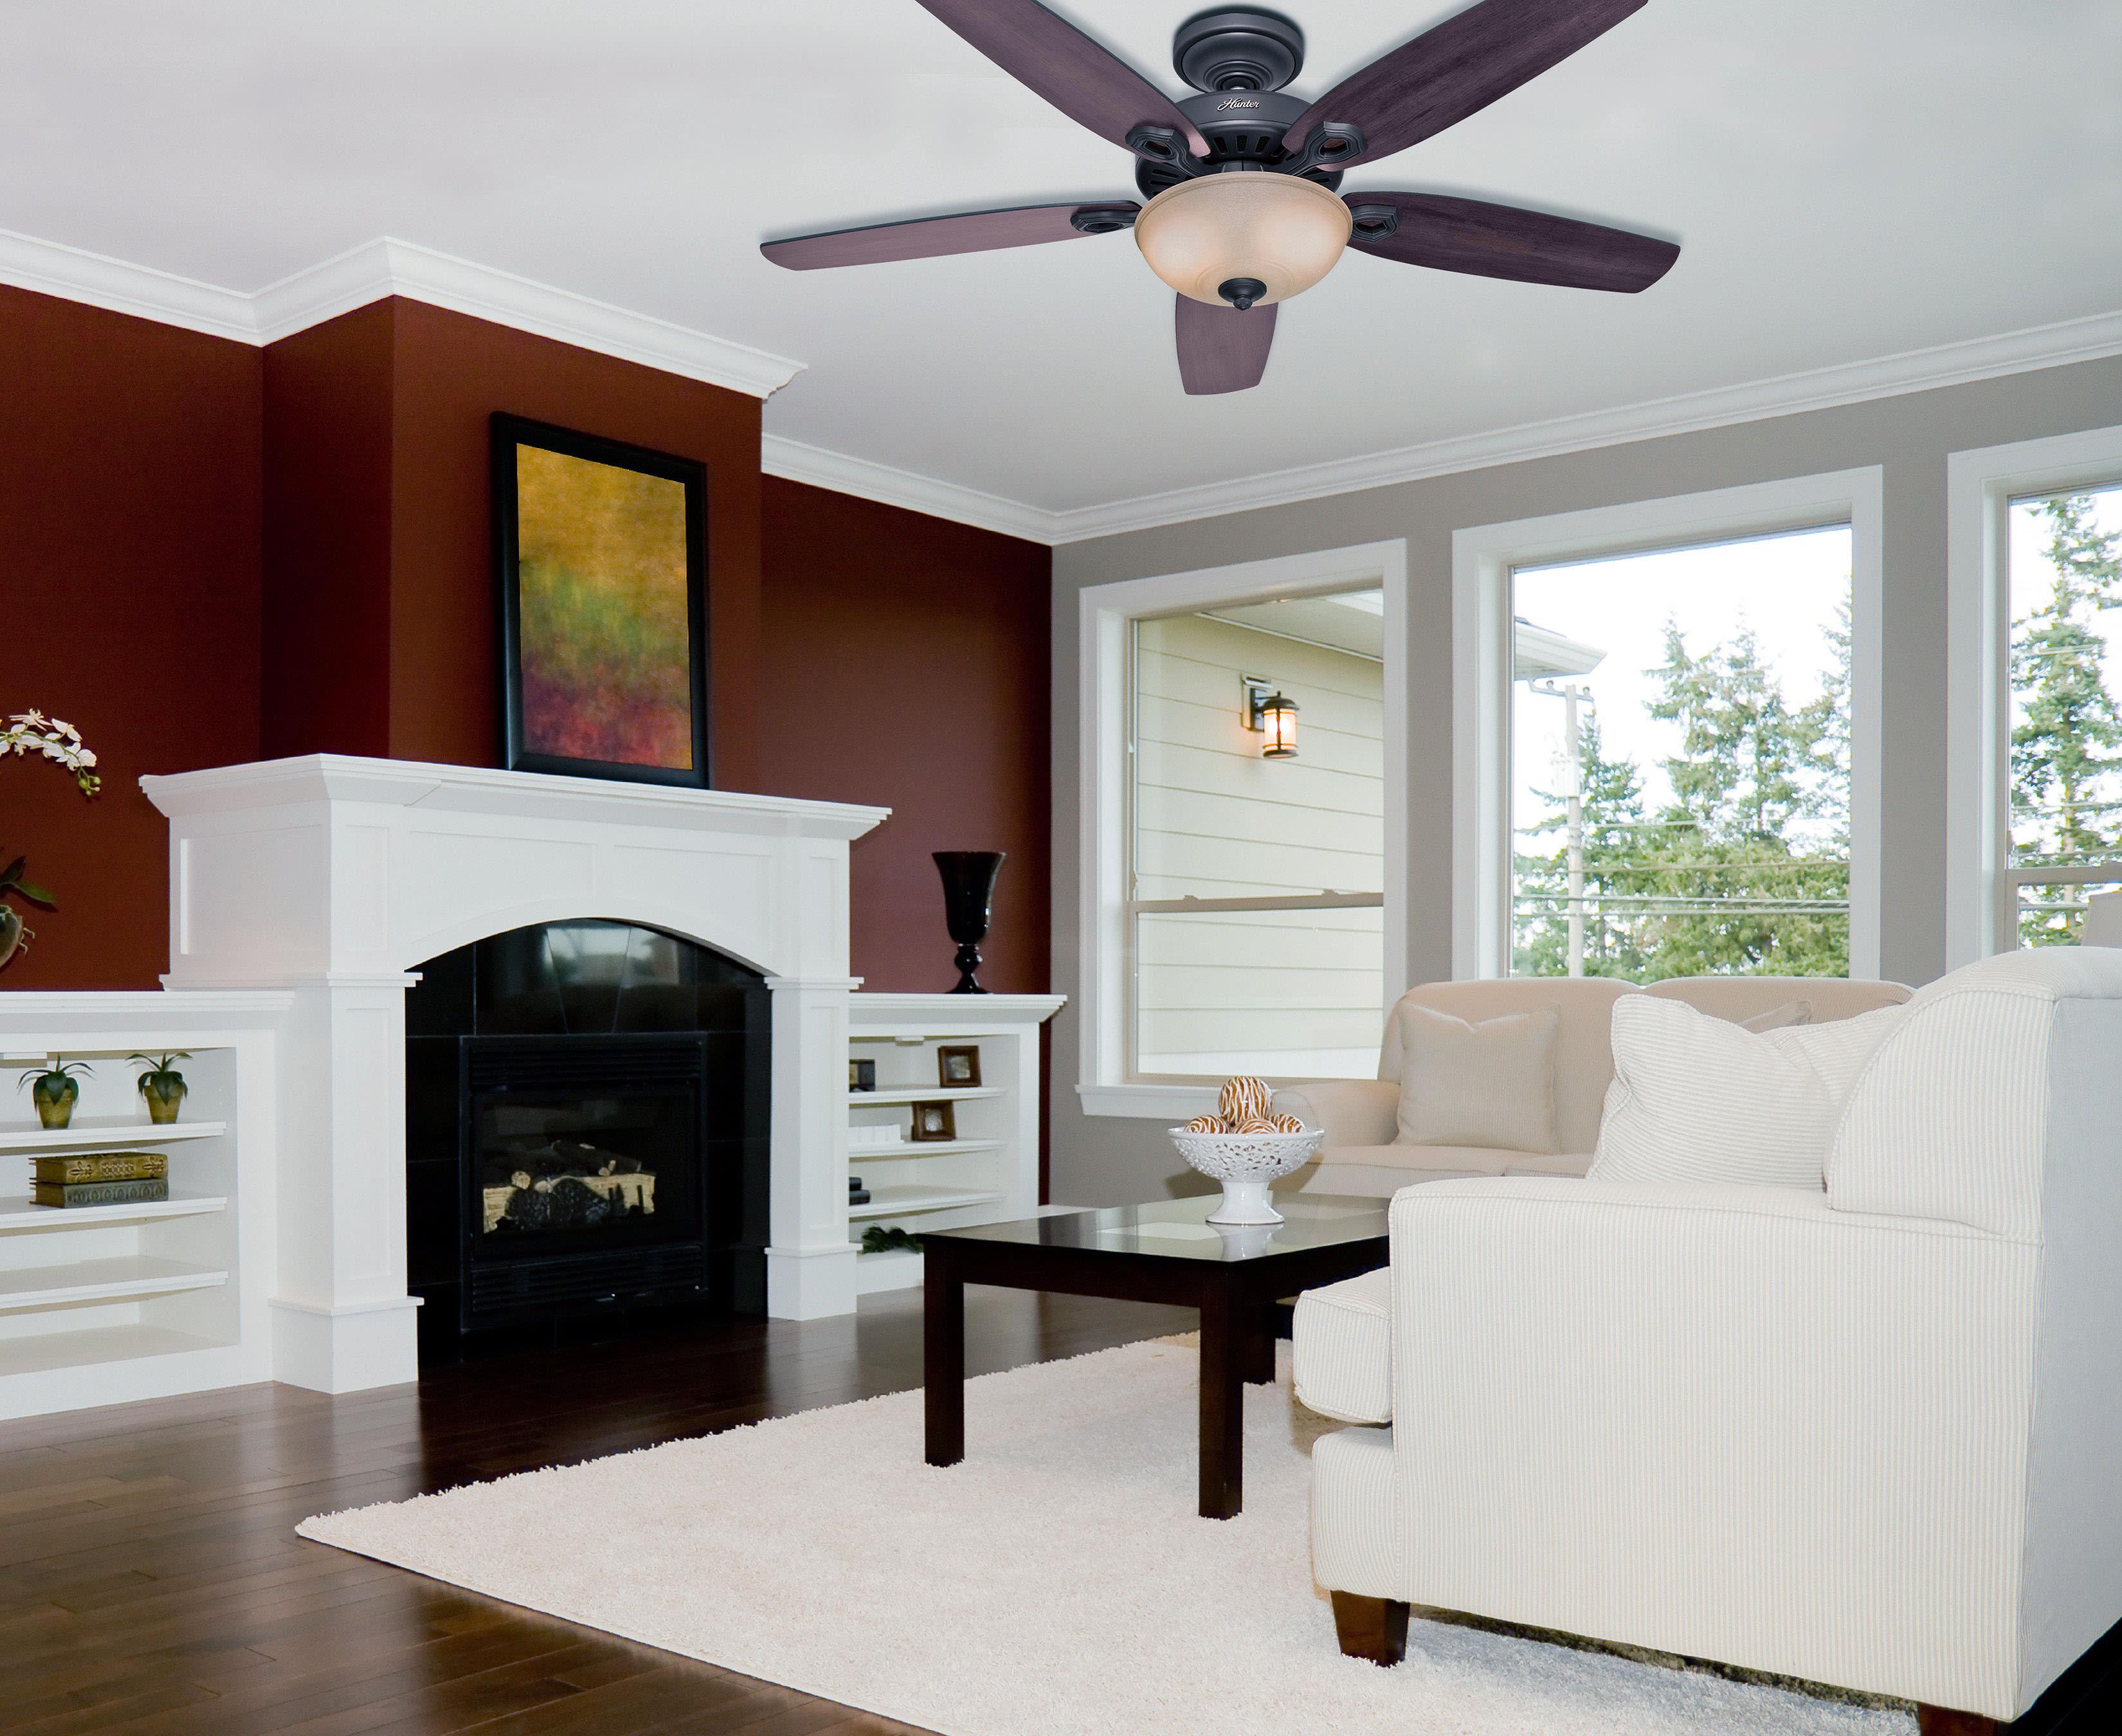 netter living pdx livings room wayfair ceiling lighting fan blade hampton of reviews house